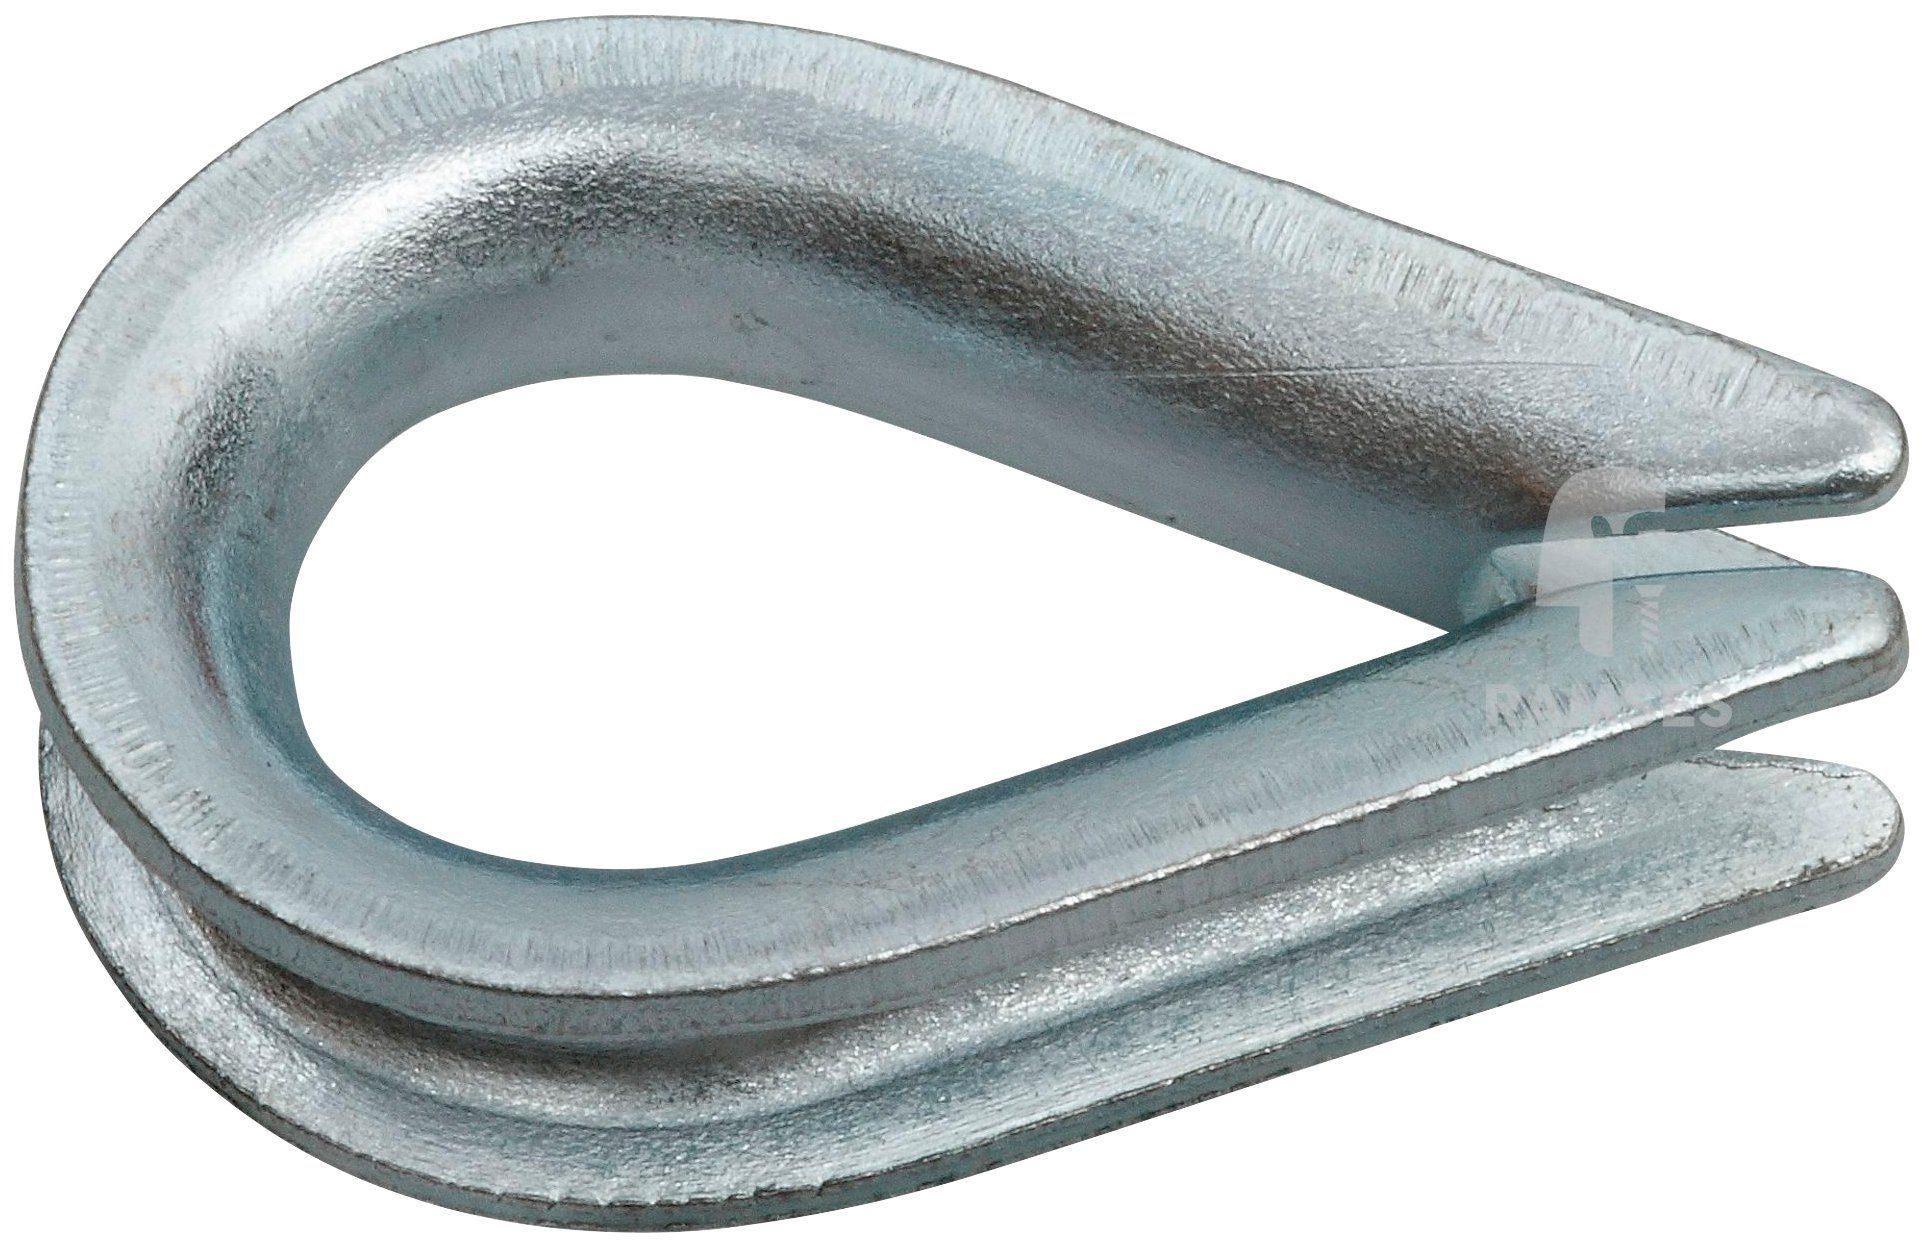 RAMSES Kausche , 2,5 mm Stahl verzinkt 50 Stück